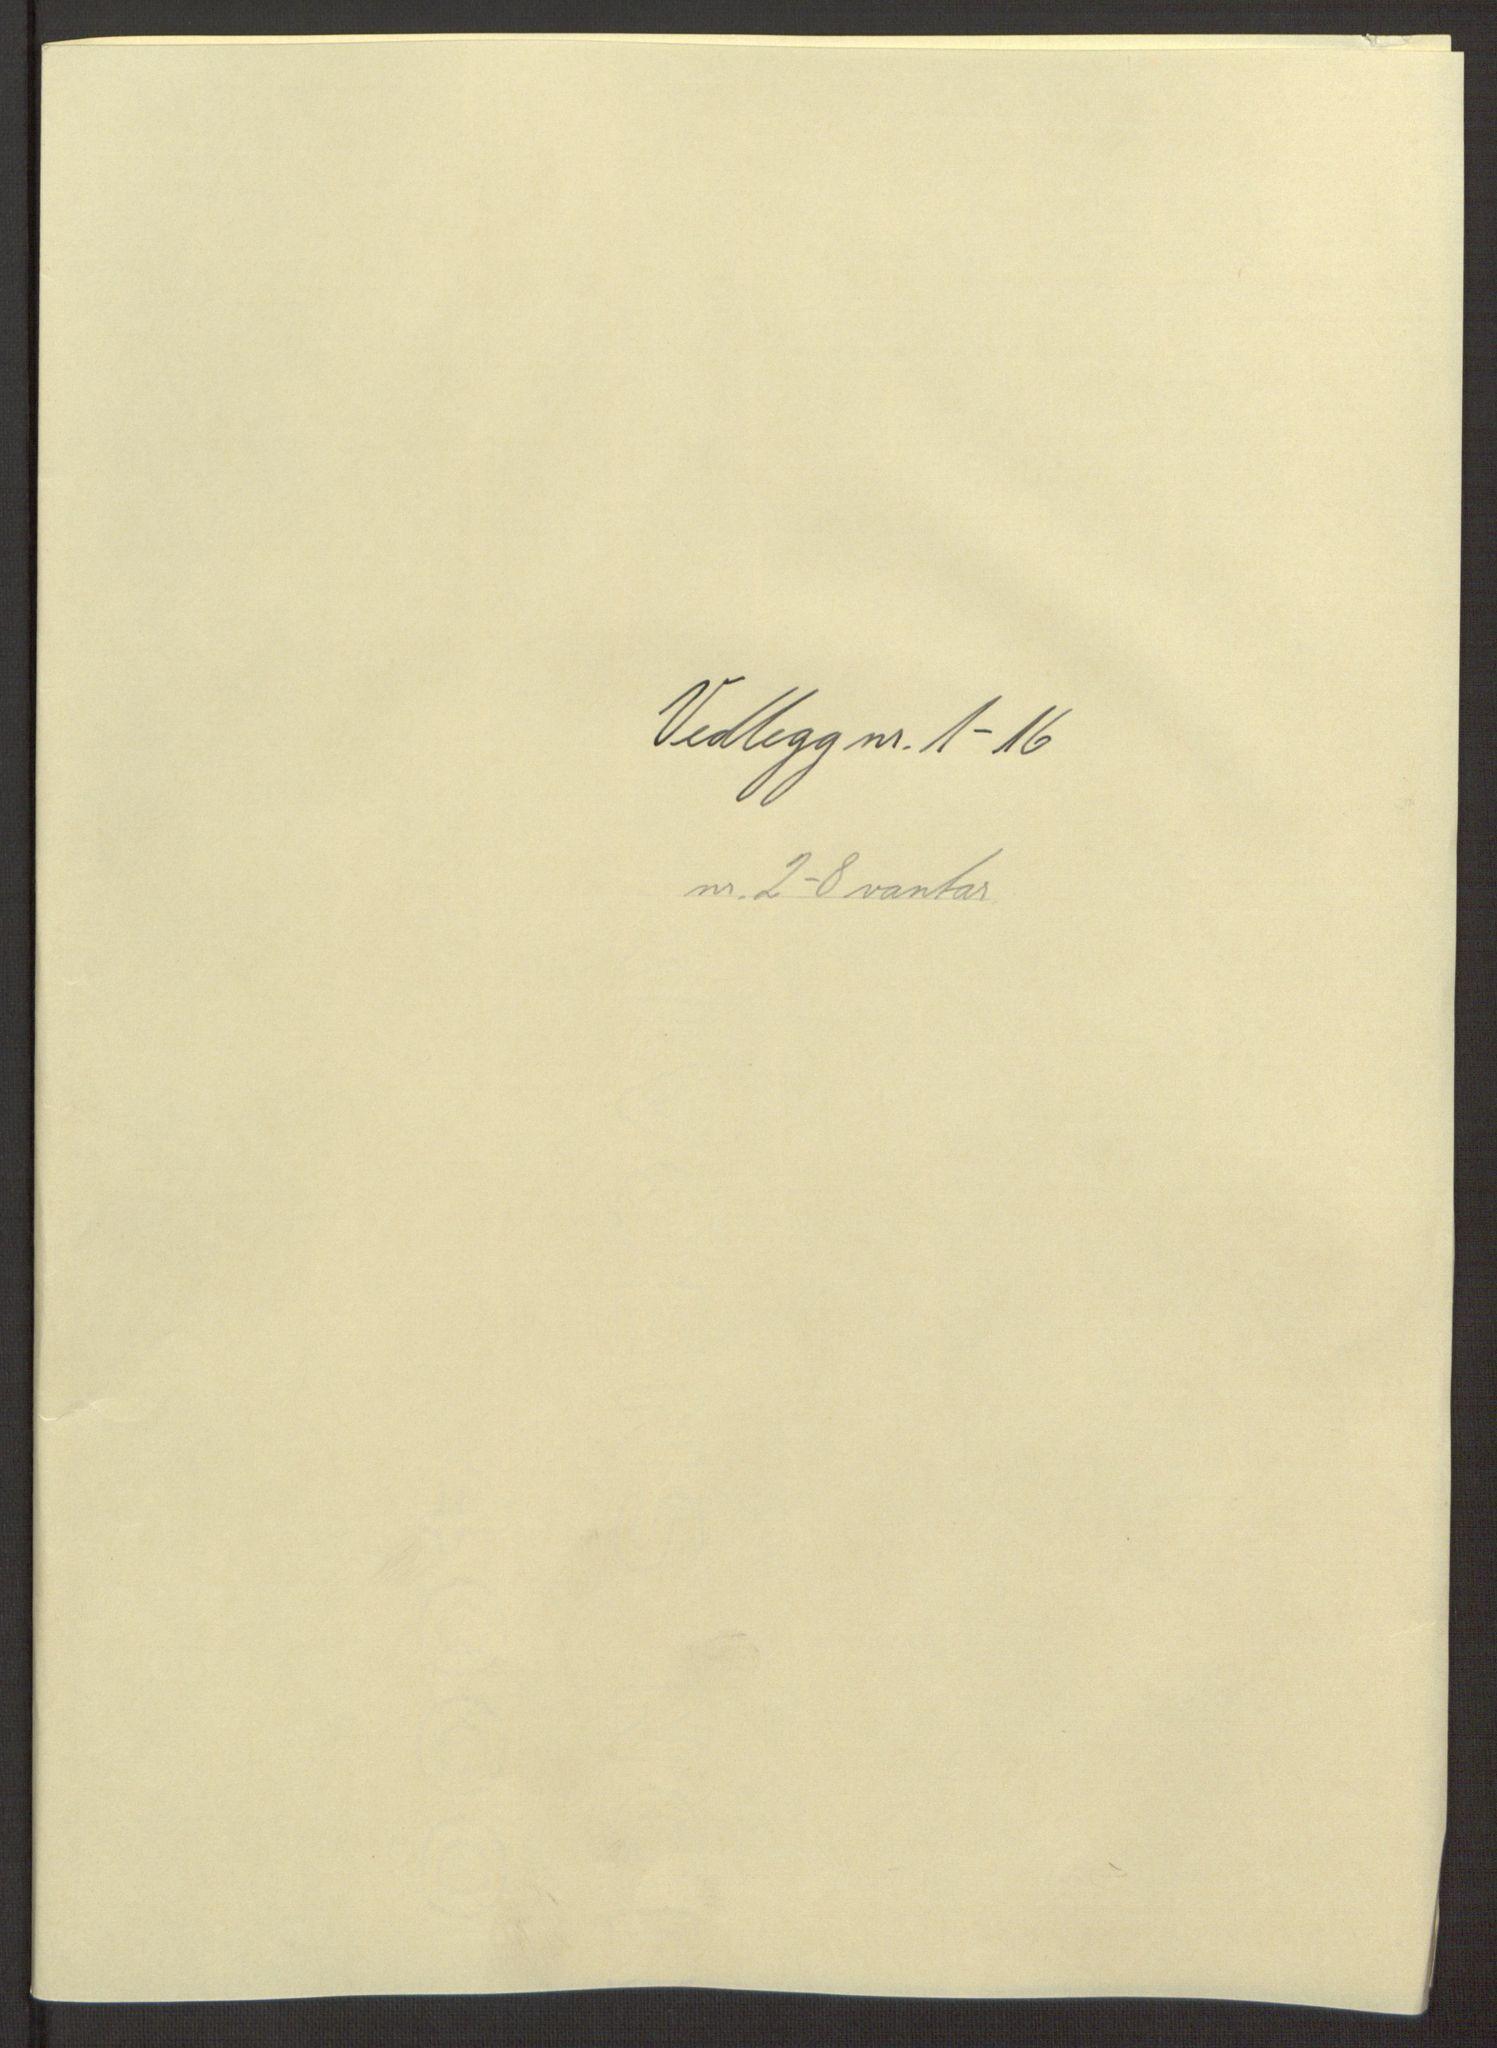 RA, Rentekammeret inntil 1814, Reviderte regnskaper, Fogderegnskap, R58/L3937: Fogderegnskap Orkdal, 1691-1692, s. 365